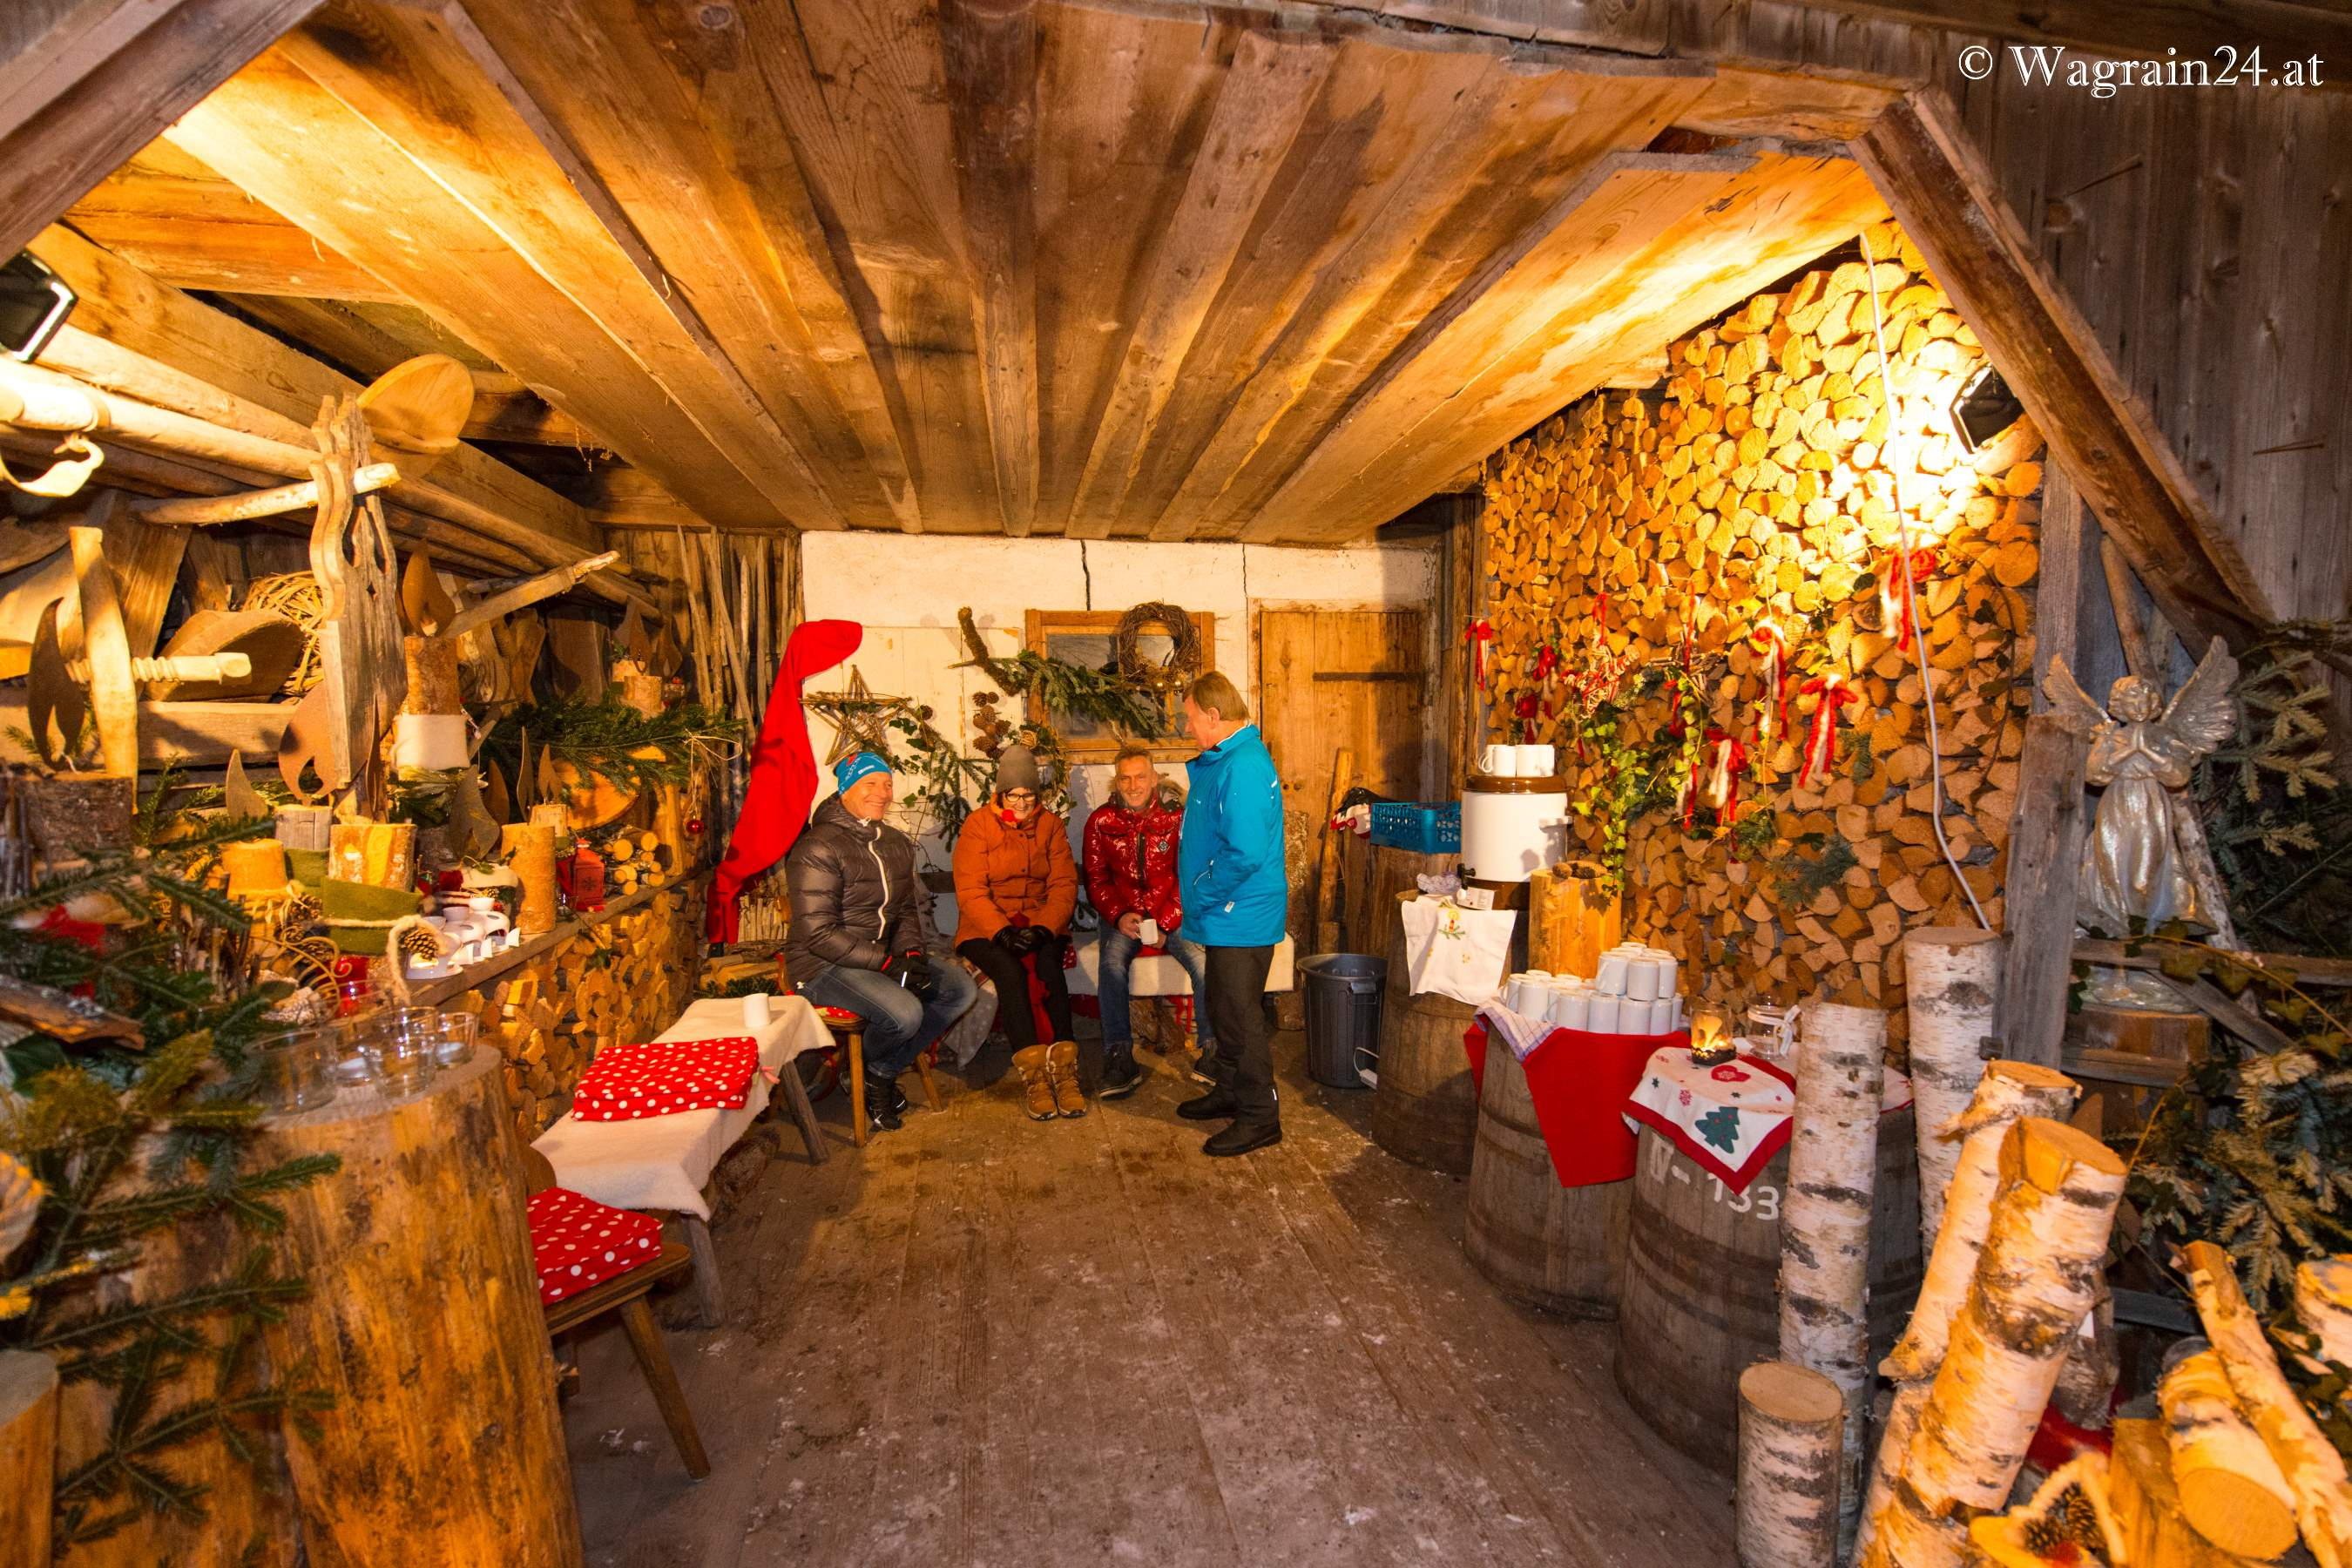 Advent In Der Holzhütte Am Unterwimmhof Wagrain Advent Am